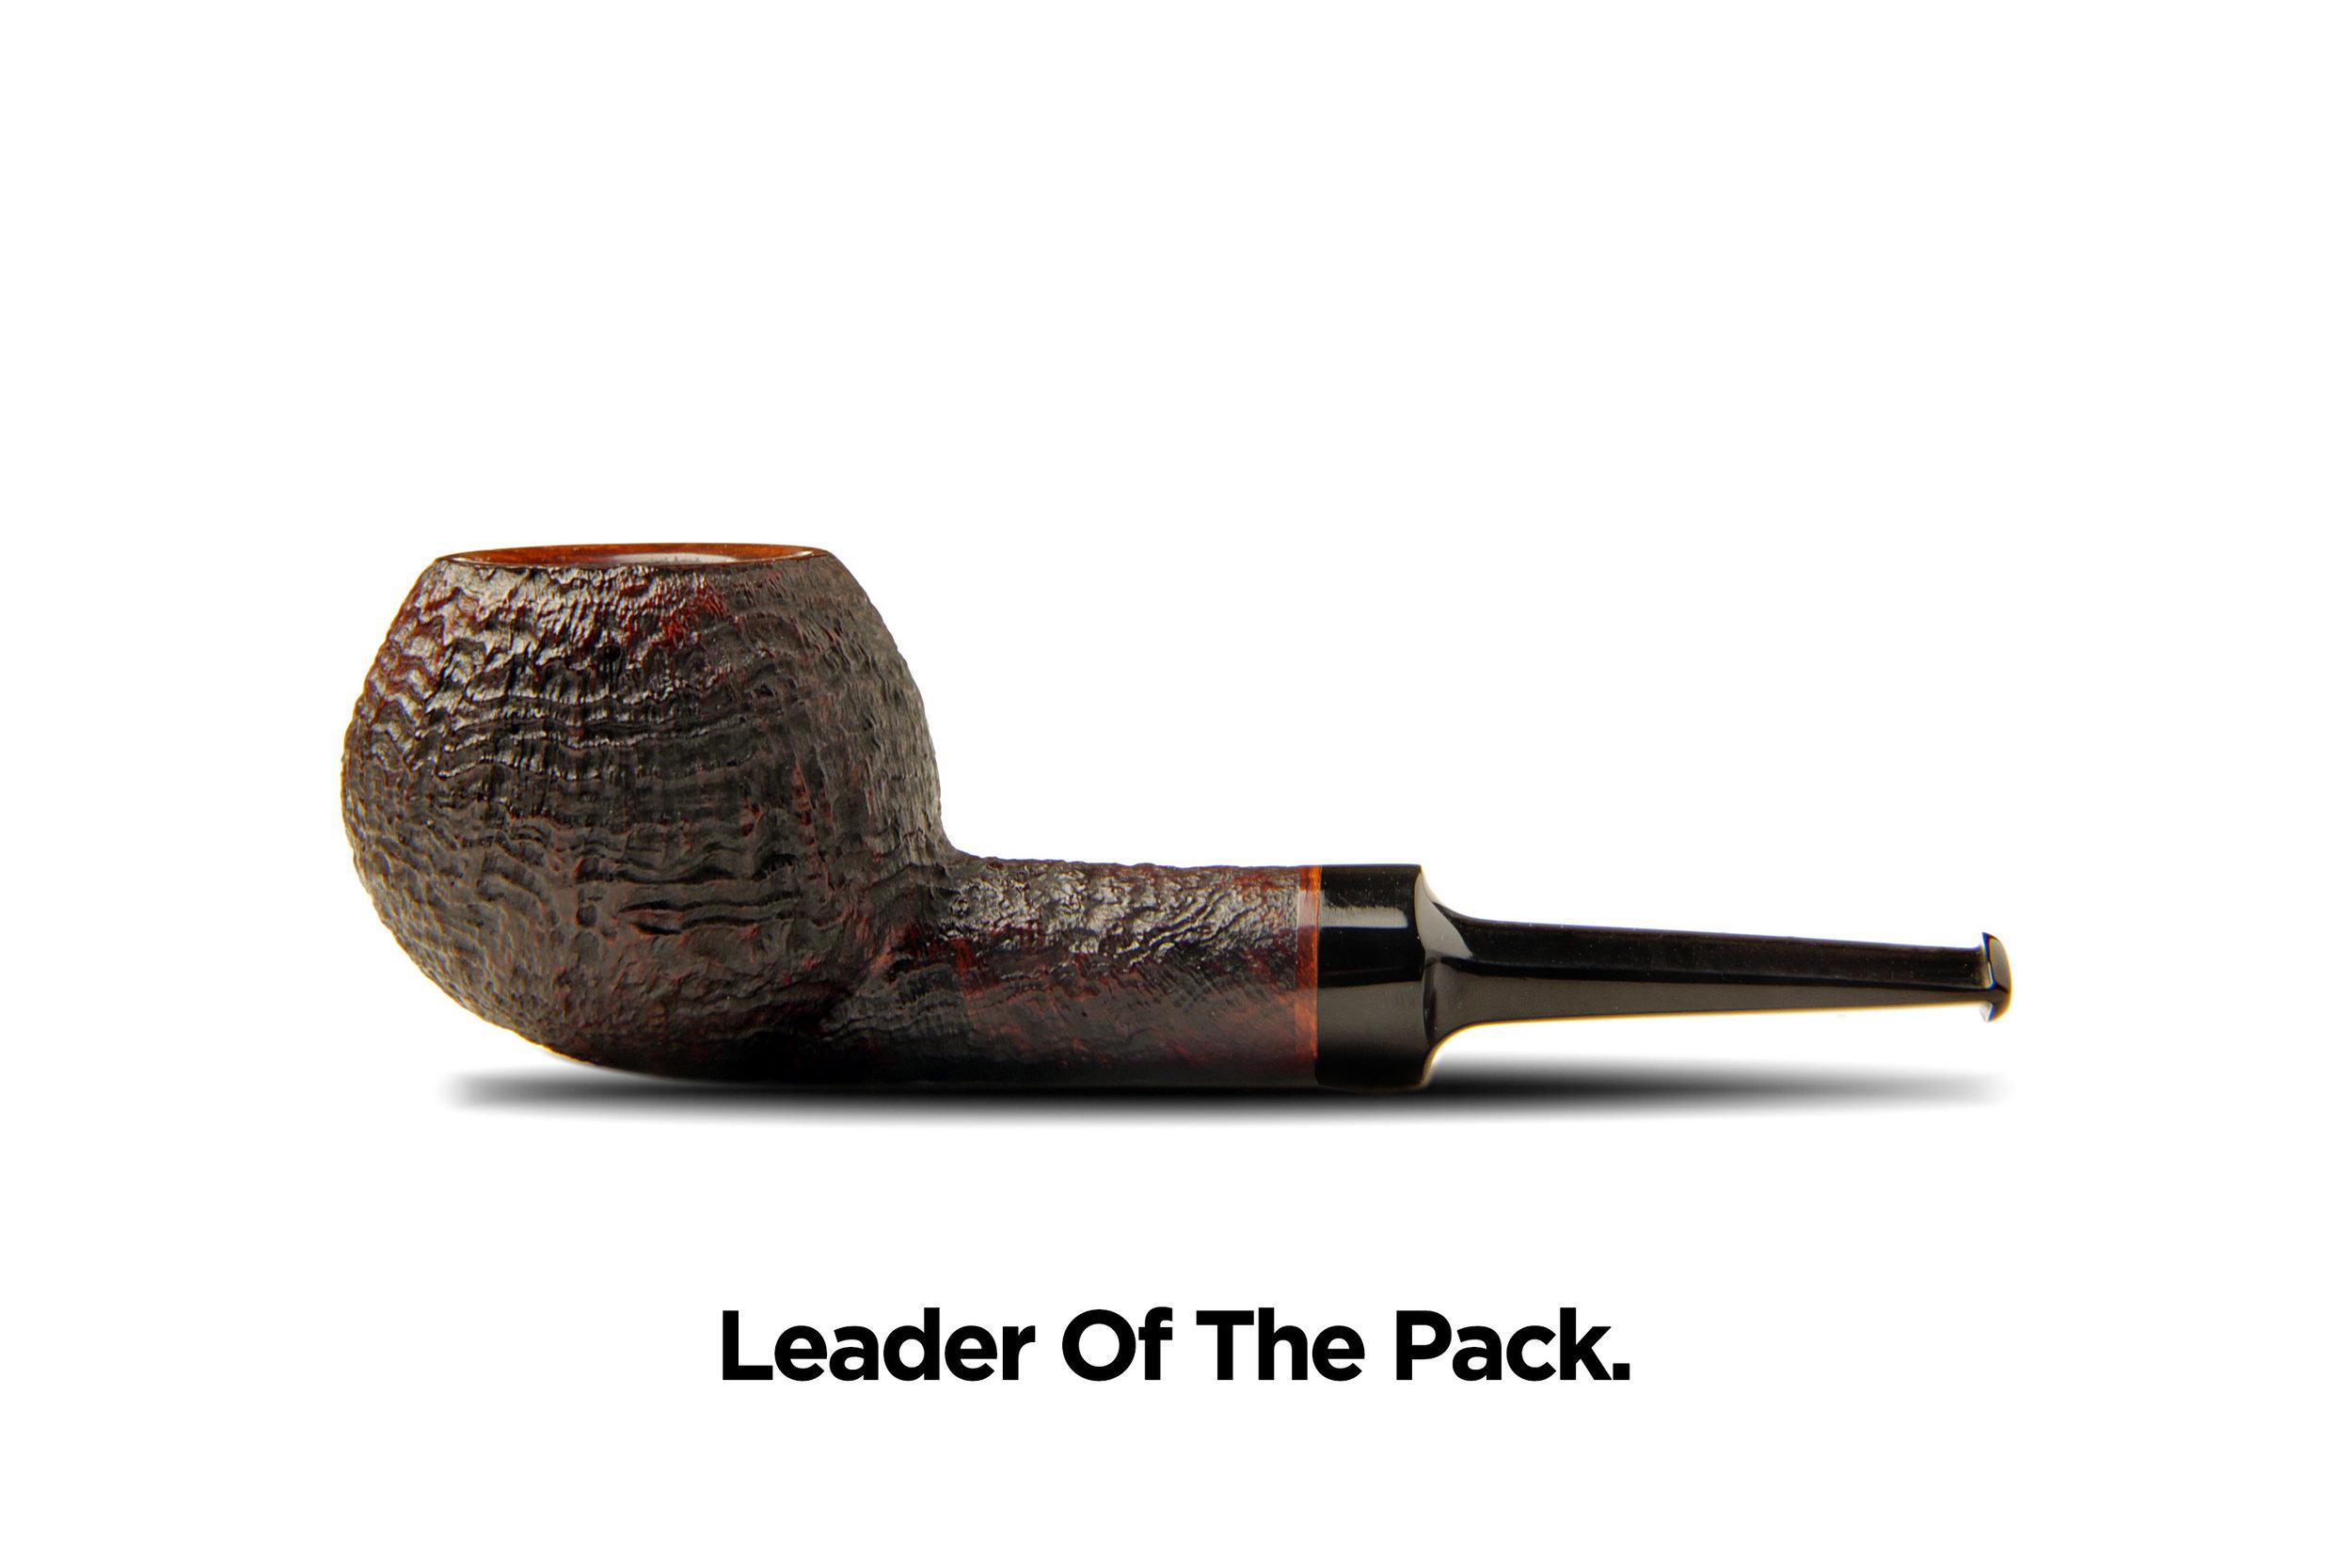 Iafisco_LeaderOfThePack.jpg